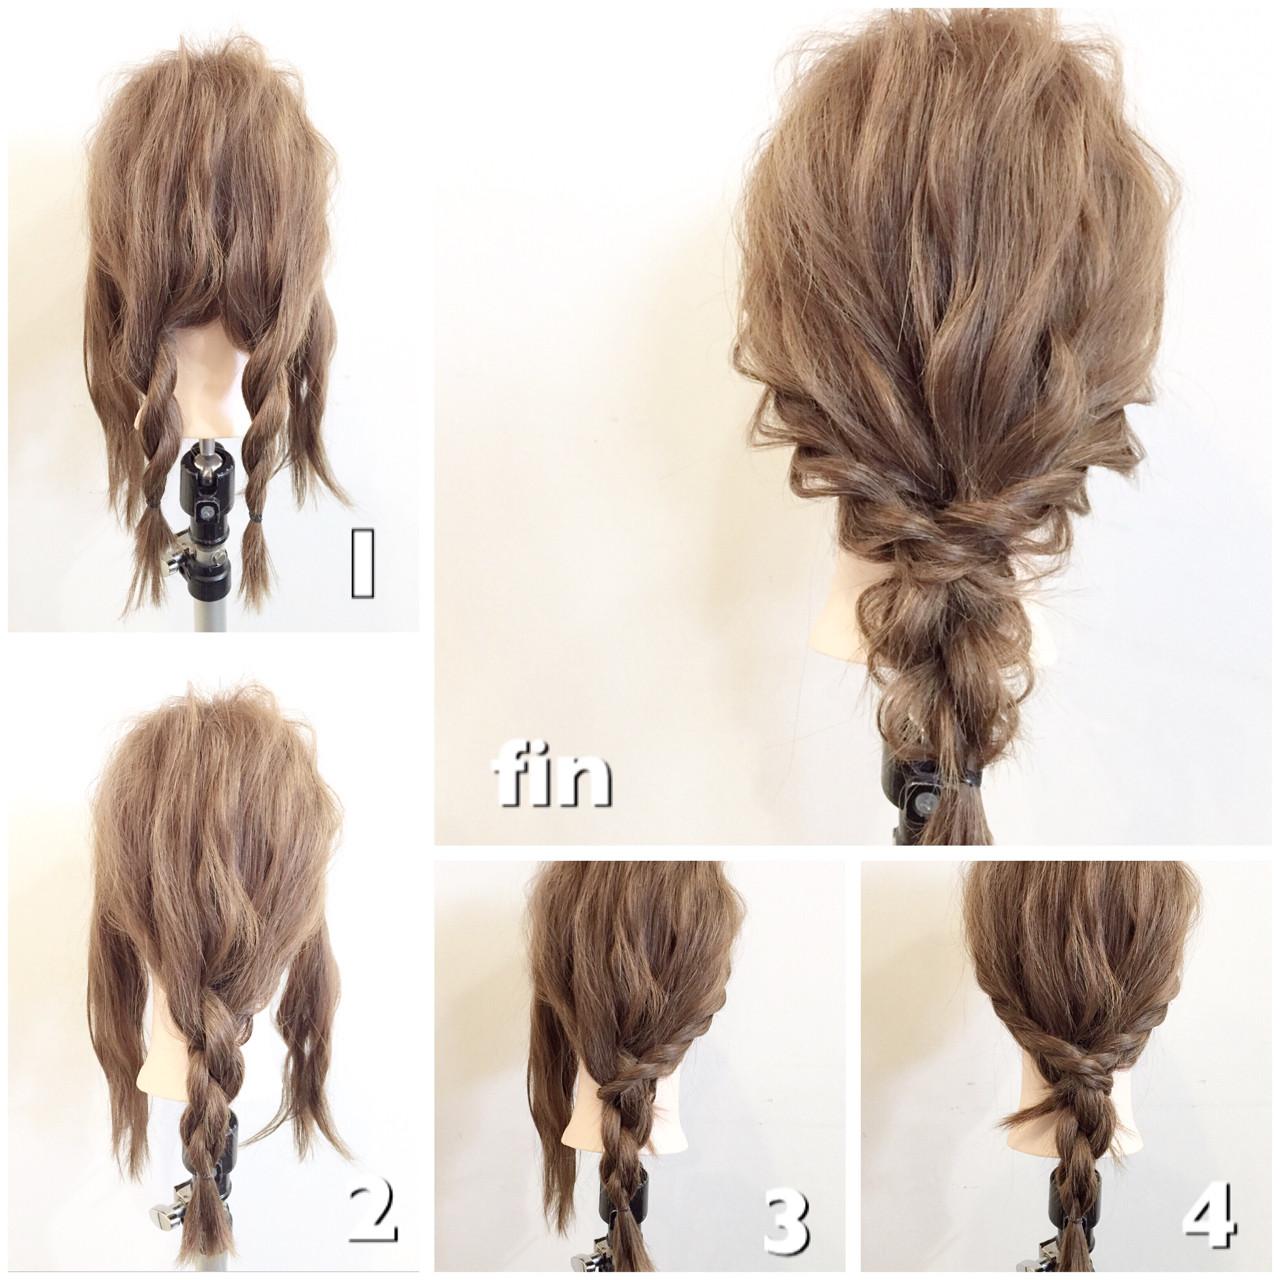 ショート ロープ編み セミロング 簡単ヘアアレンジ ヘアスタイルや髪型の写真・画像